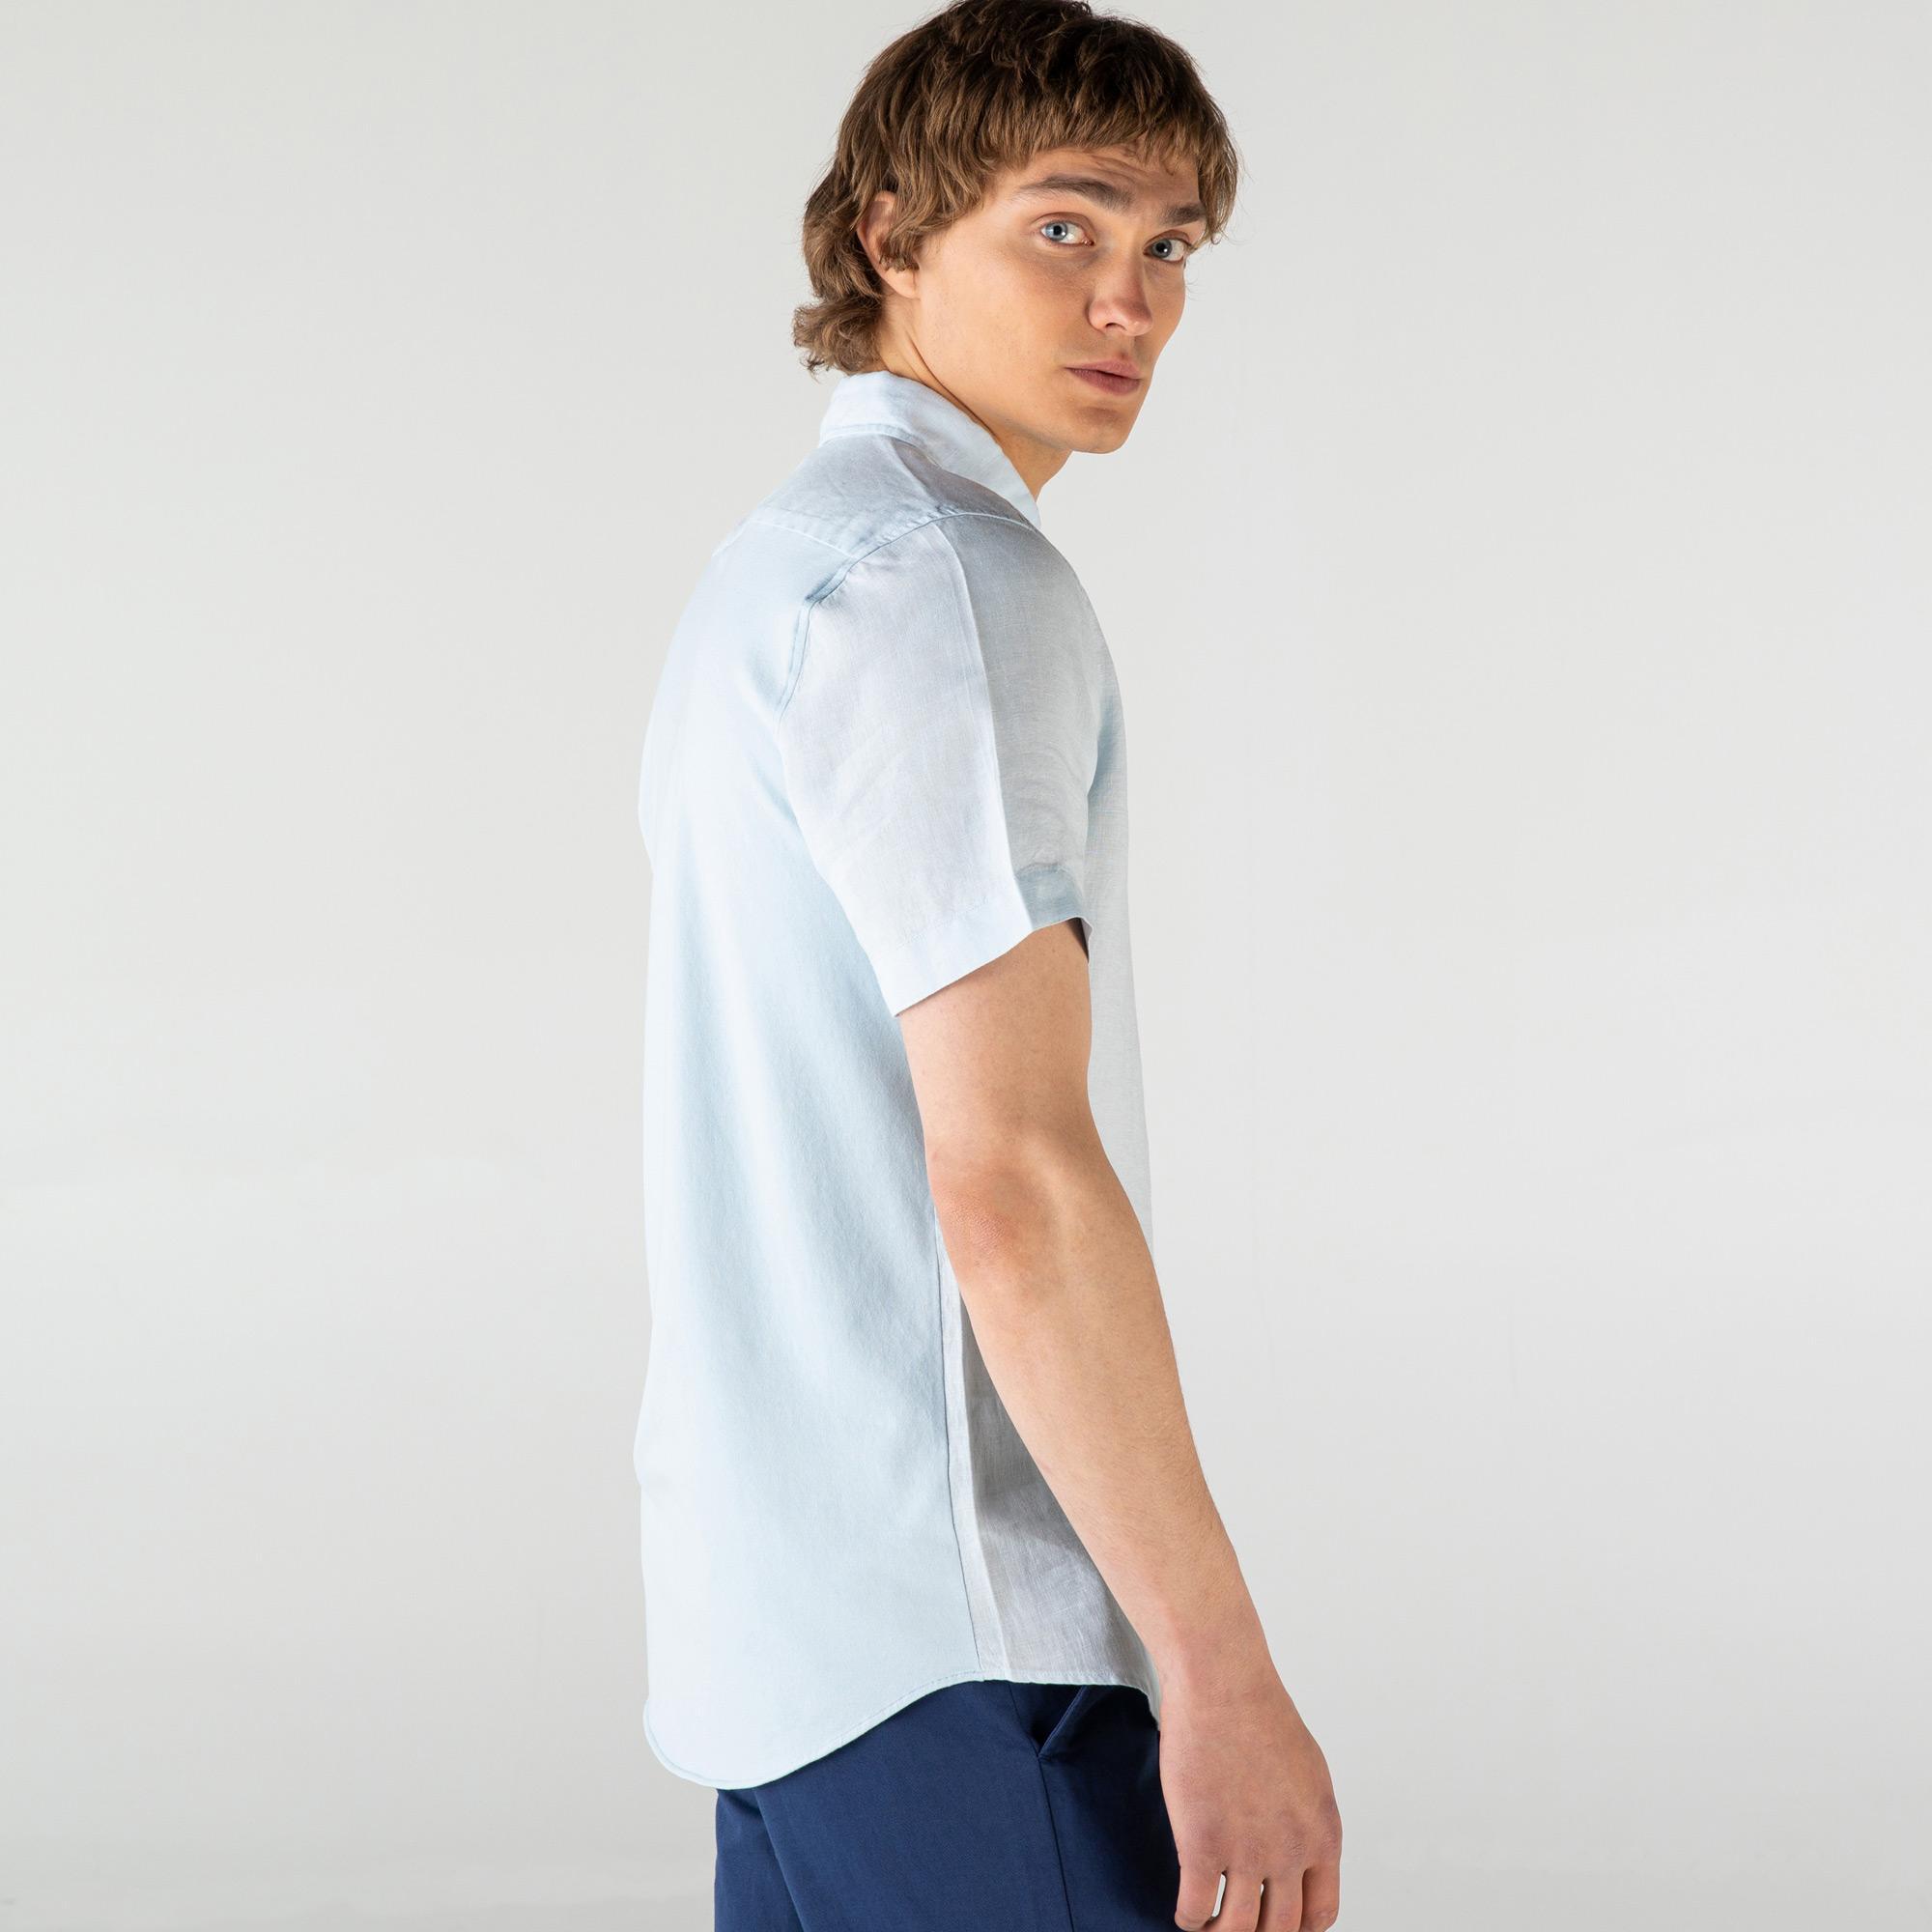 Lacoste Erkek Slim Fit Keten Mavi Kısa Kollu Gömlek